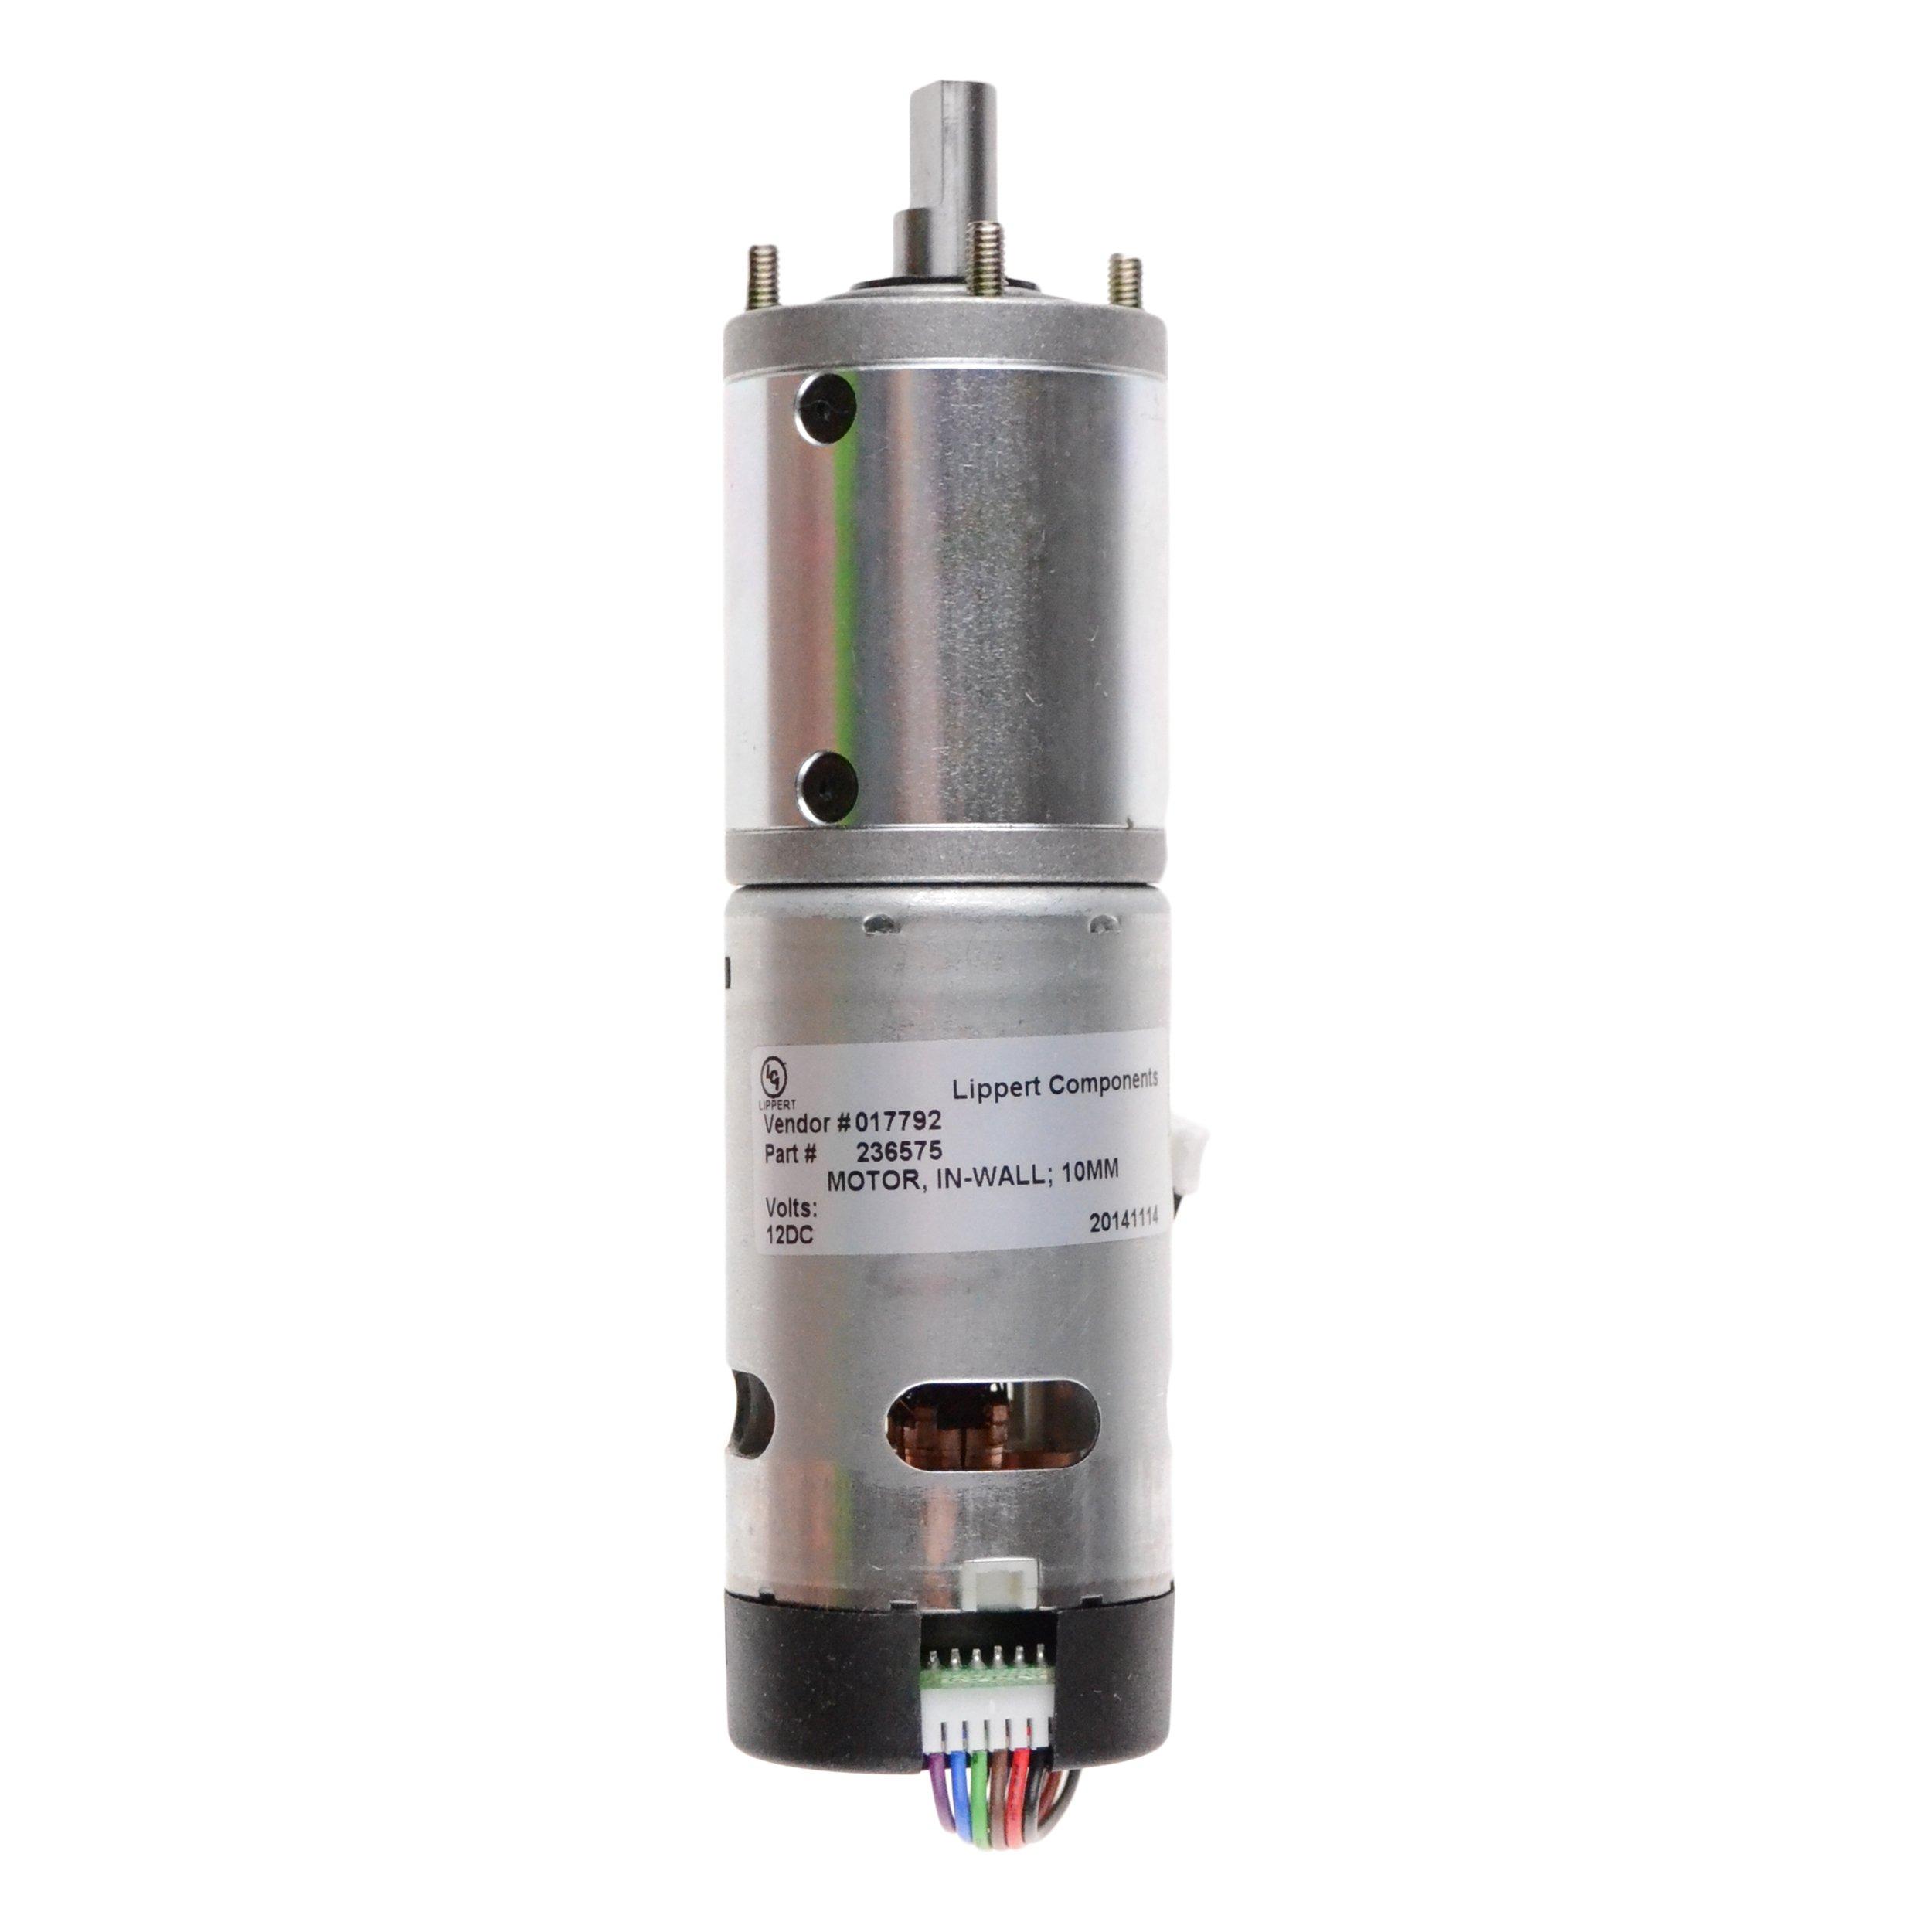 Lippert Components 236575 Slideout Motor